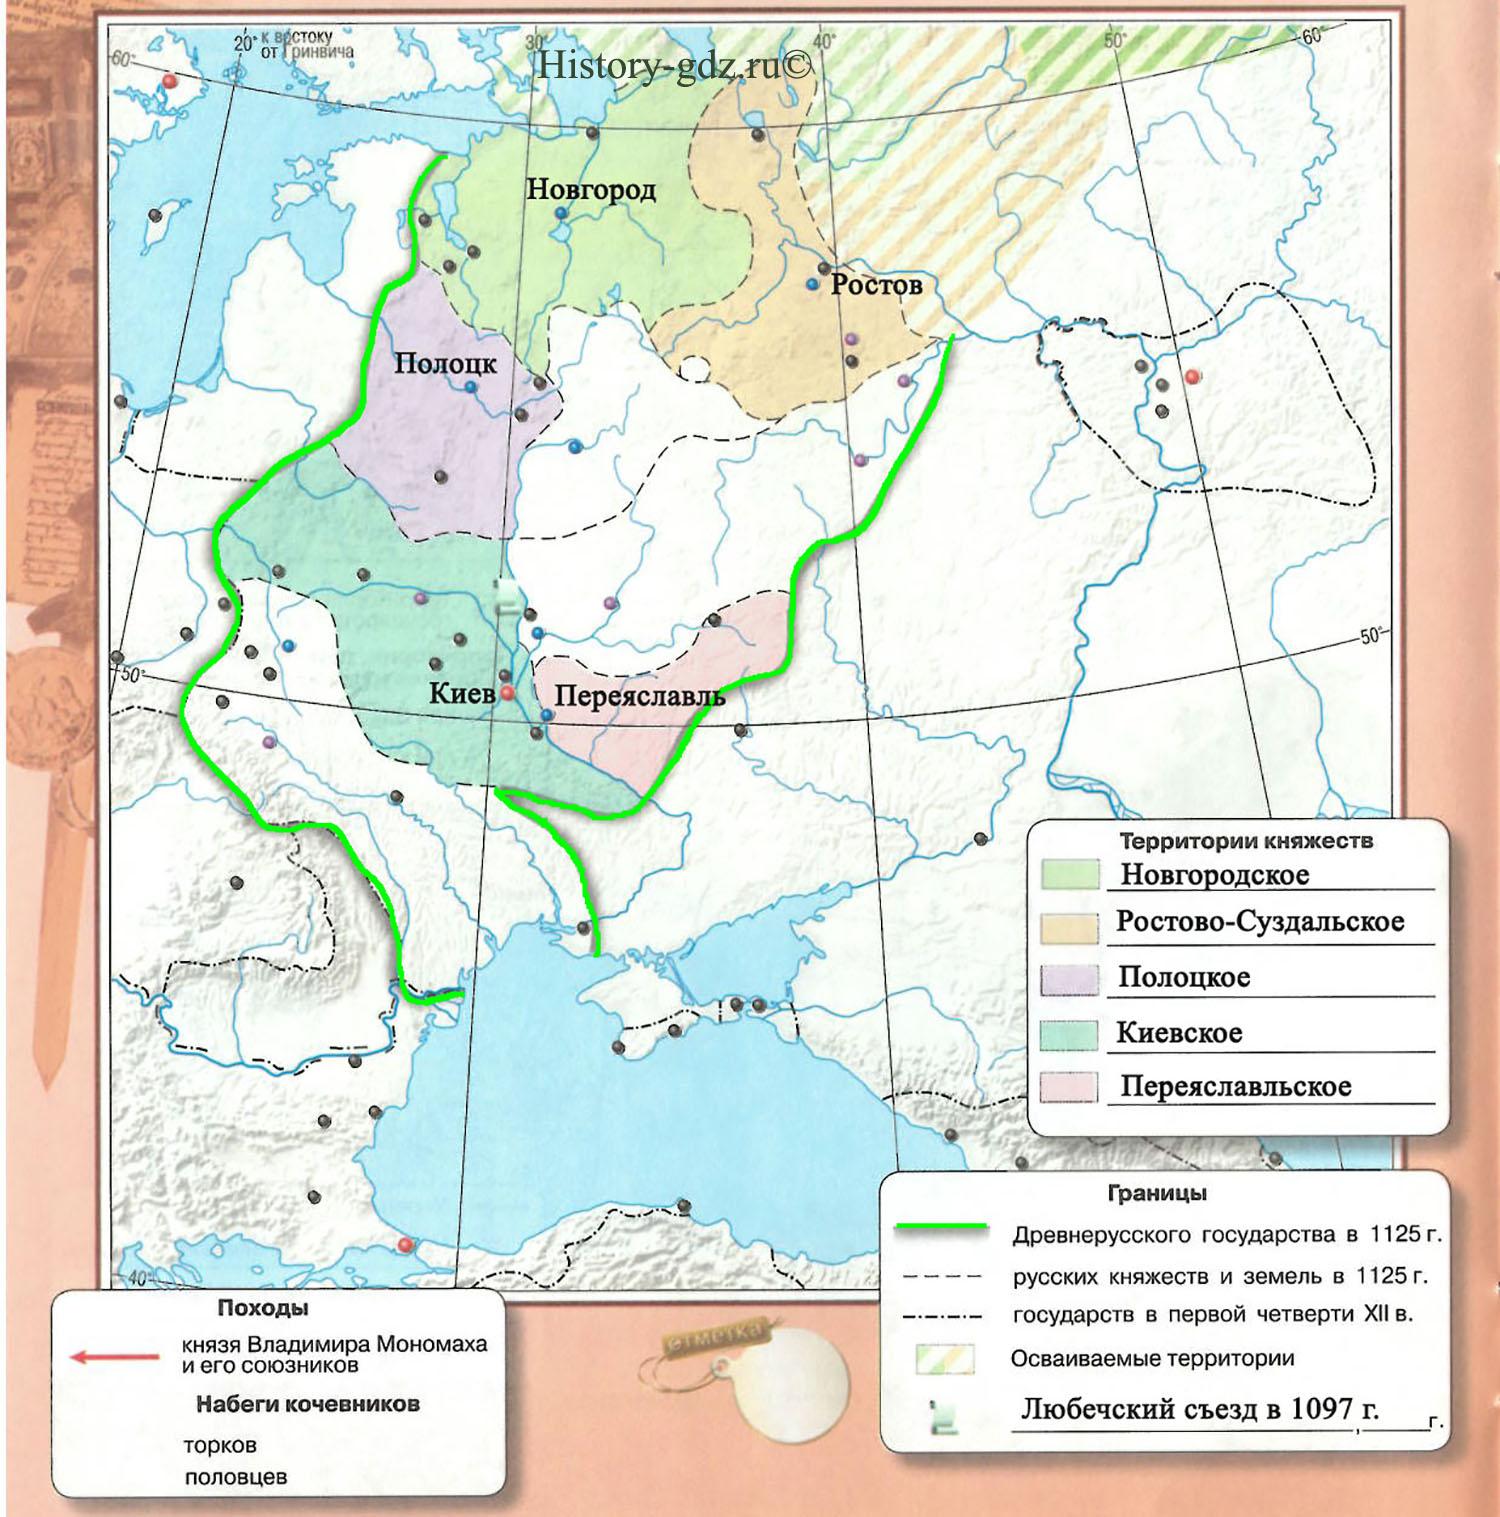 ГДЗ к контурным картам по истории России. Тороп. 6 класс. Страница 6